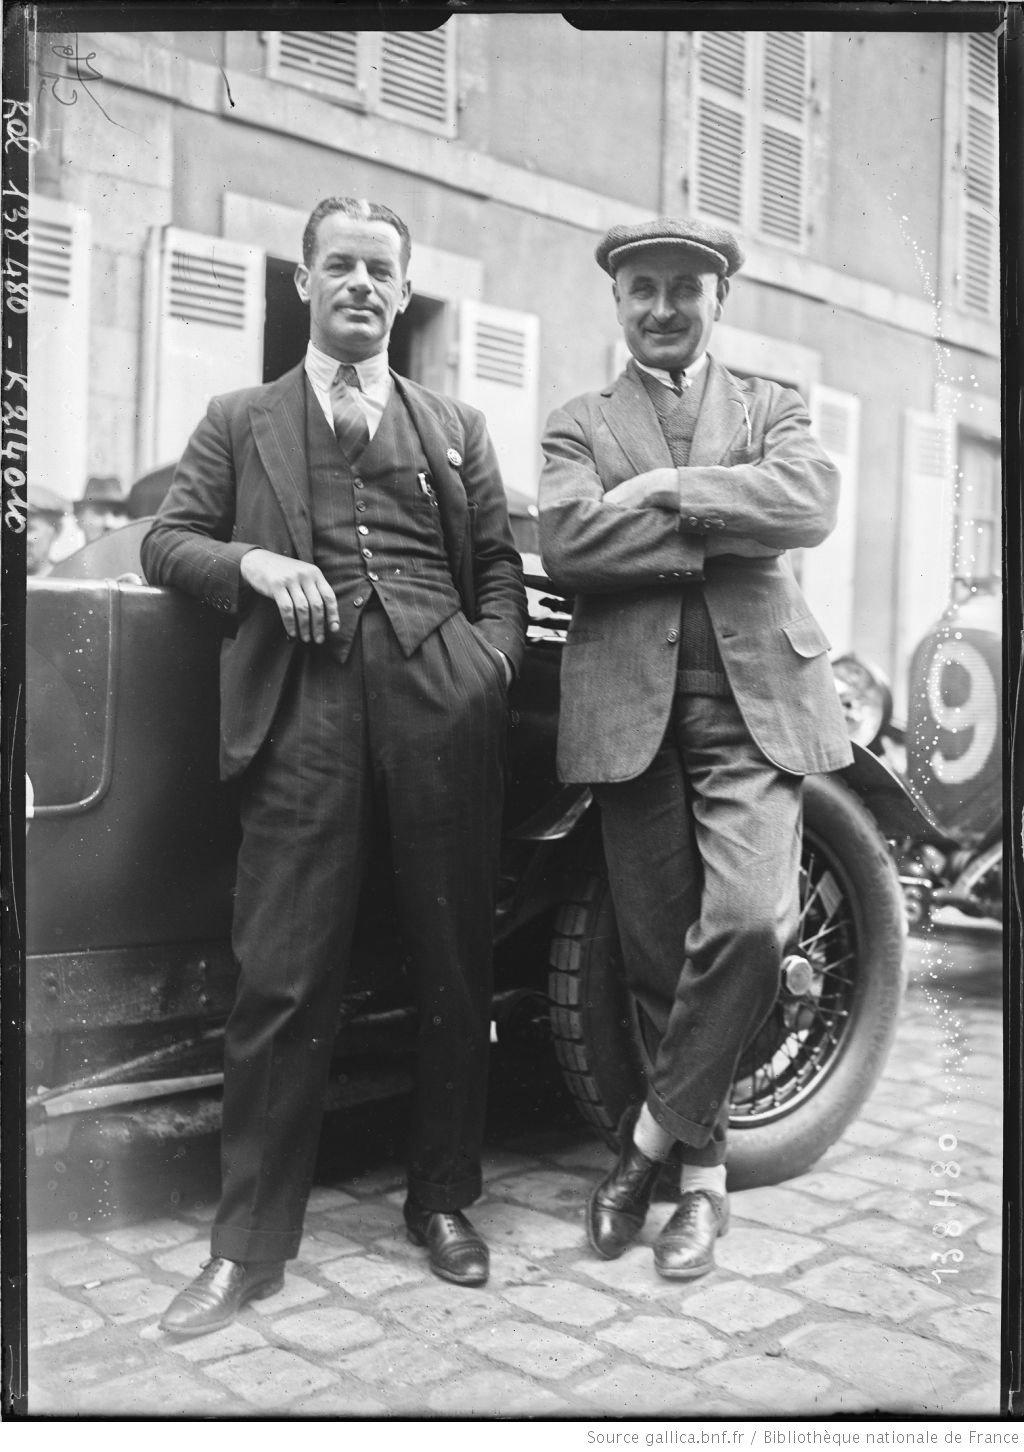 De gauche à droite, Frank] Clement, [Jean] Chassagne sur Bentley [coureurs automobiles, au pesage des 24 h du Mans, le 130629]  [photographie de presse]  [Agence Rol].